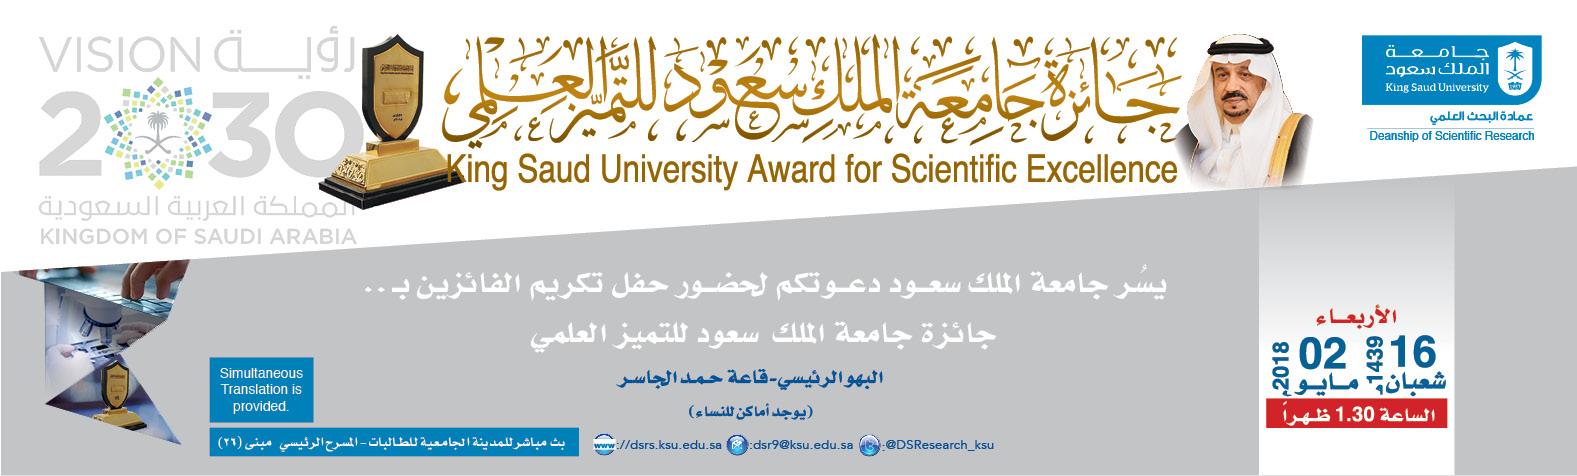 جائزة جامعة الملك سعود للتميز... - يسر جامعة الملك سعود دعوتكم...